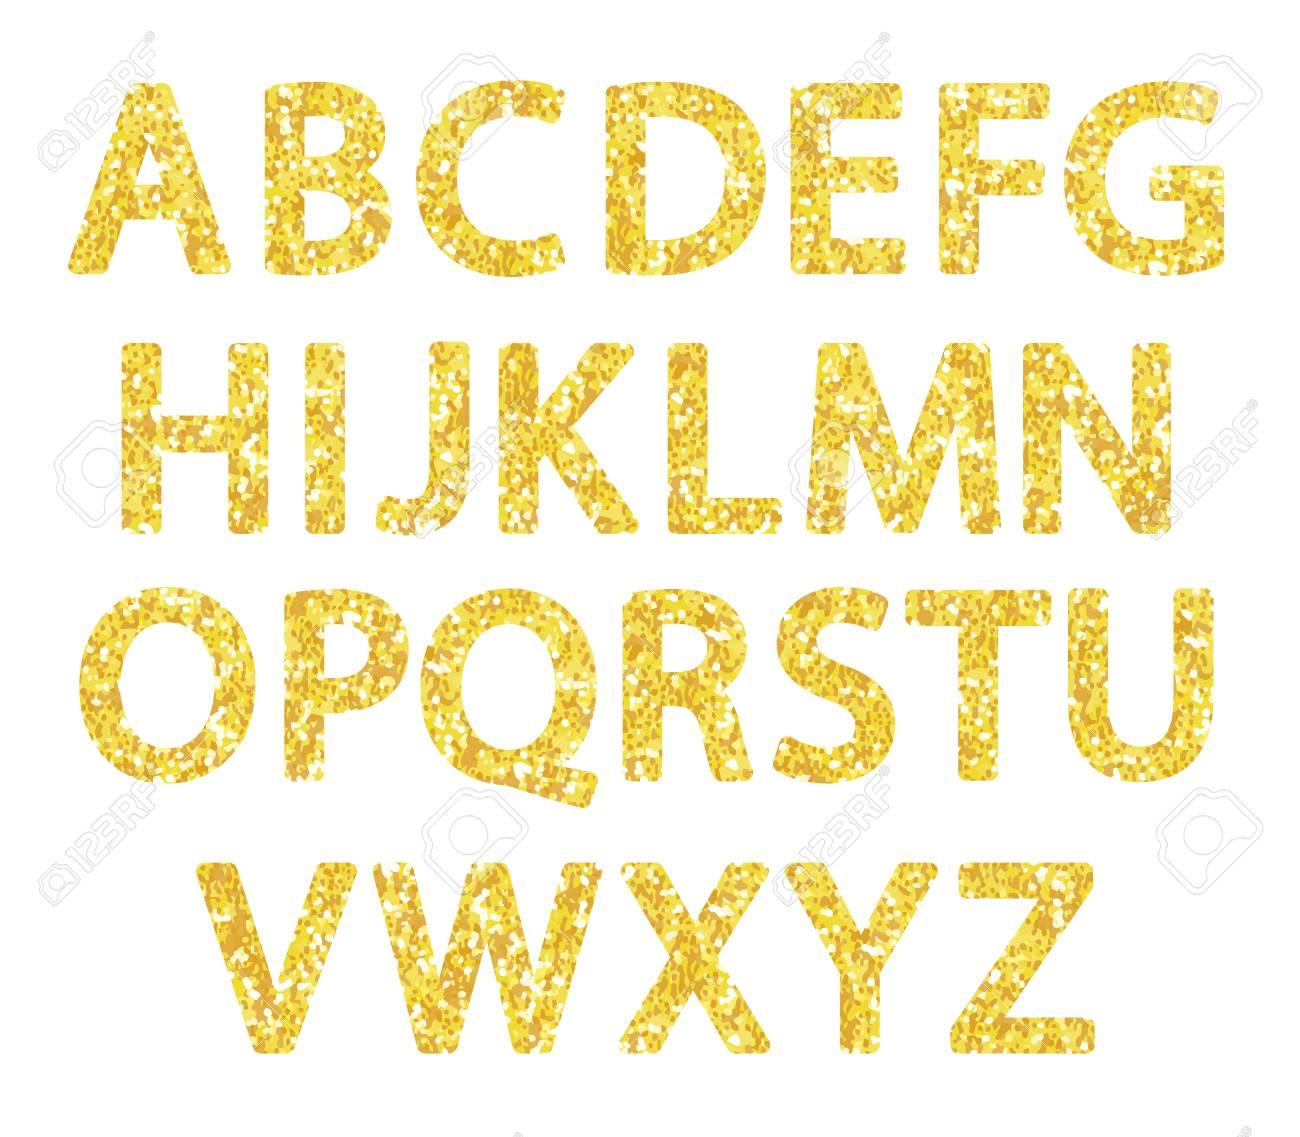 Luxury festive Golden glitter sparkling alphabet letters..